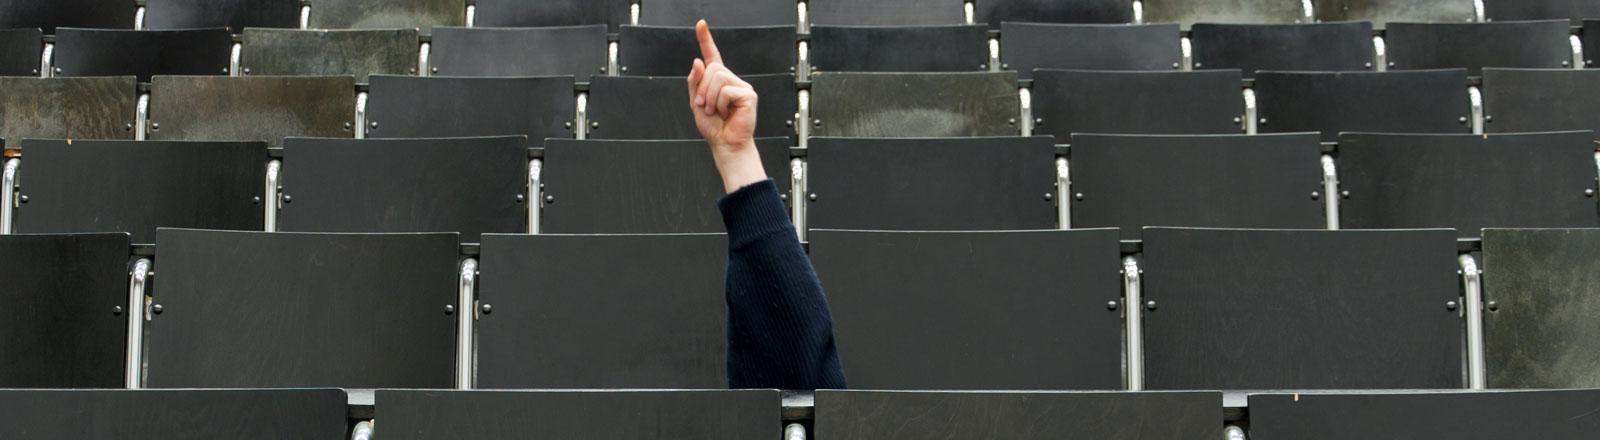 Leere Reihen in einem Hörsaal. In einer der Reihen wird eine Hand nach oben gestreckt mit ausgestrecktem Zeigefinger.